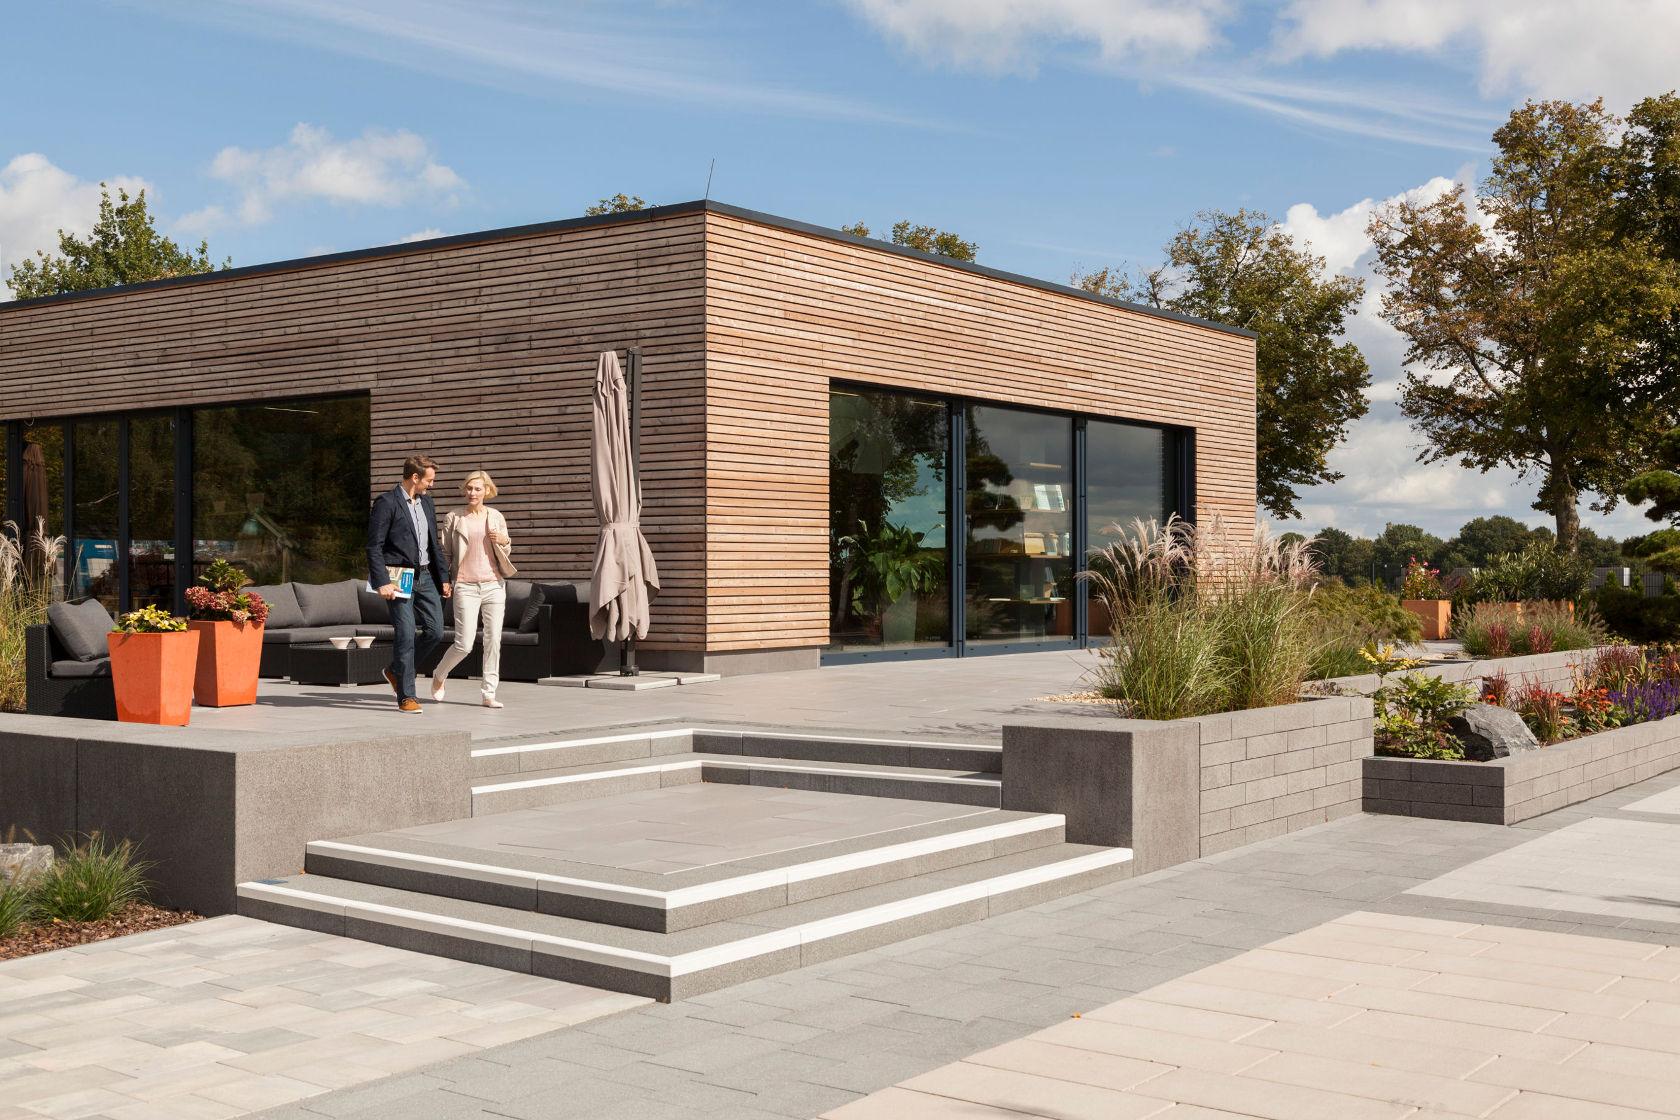 Der Ideenpavillon ist ein modernes Gebäude mit Flachdach und Holzfassade. Die Bauherren begeben sich gerade über die Treppenstufen auf das Ideengarten-Gelände.